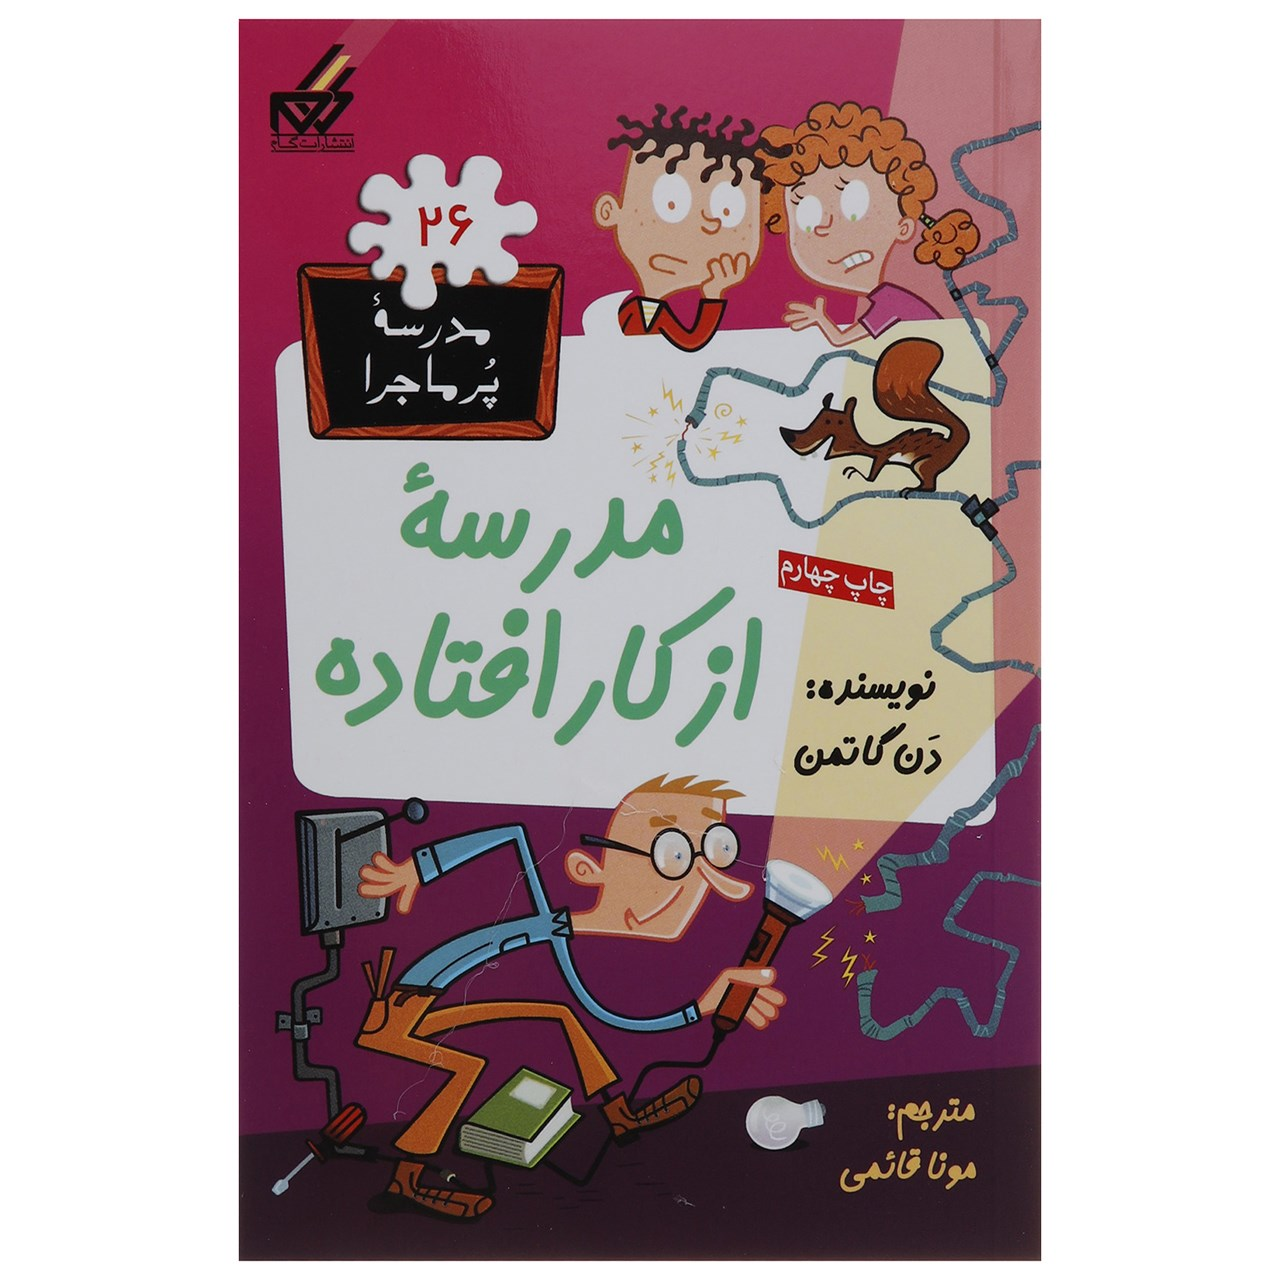 خرید                      کتاب مدرسه پر ماجرا  26 مدرسه از کار افتاده اثر دن گاتمن